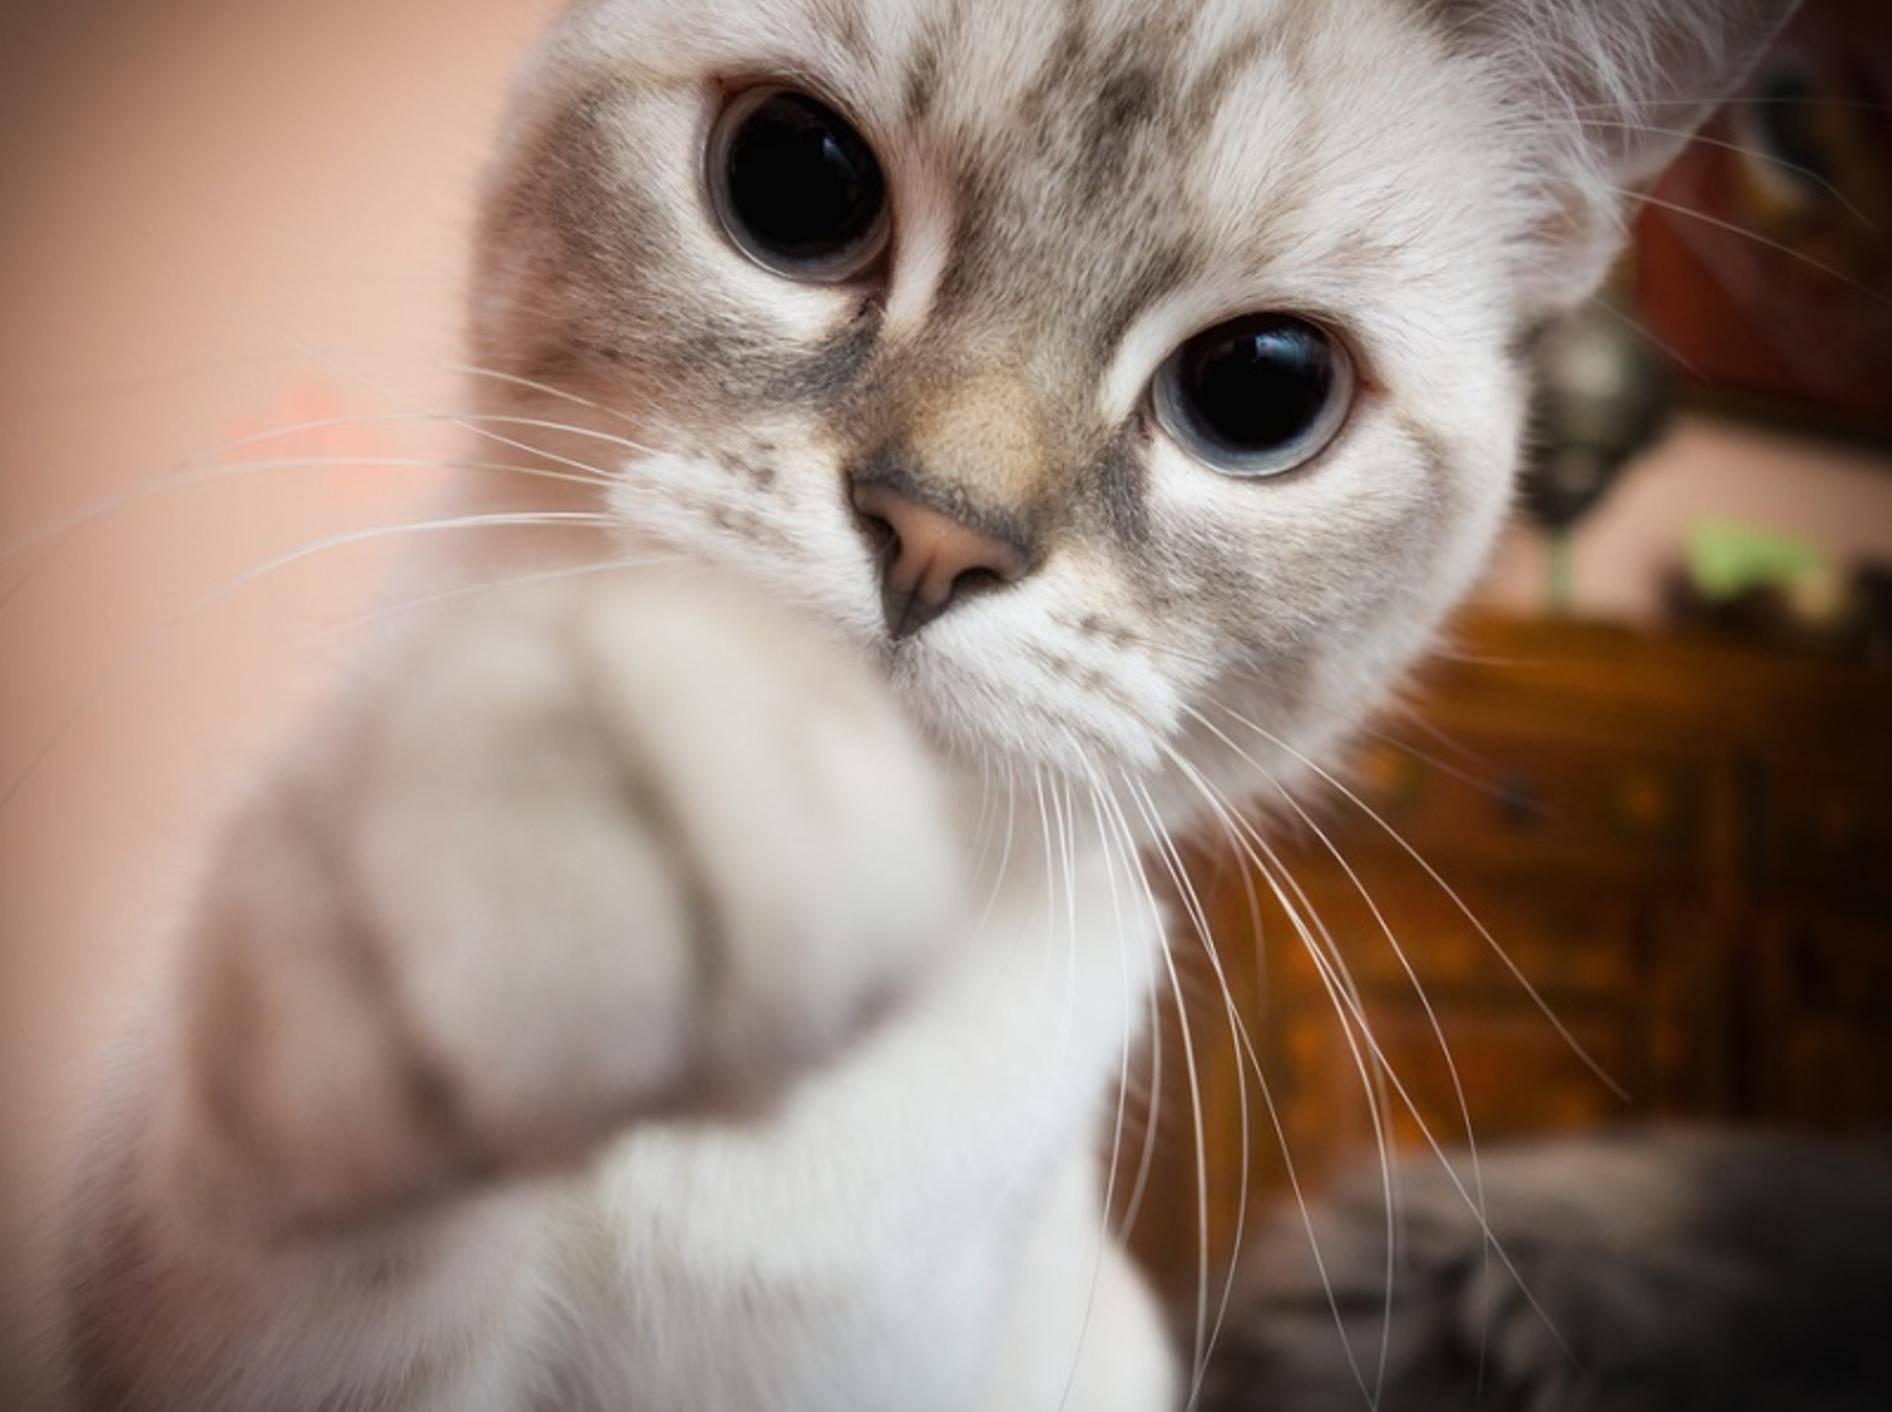 Ihre Katze möchte Ihnen bestimmt etwas sagen, wenn sie Sie anstupst – Shutterstock / Valerio Pardi